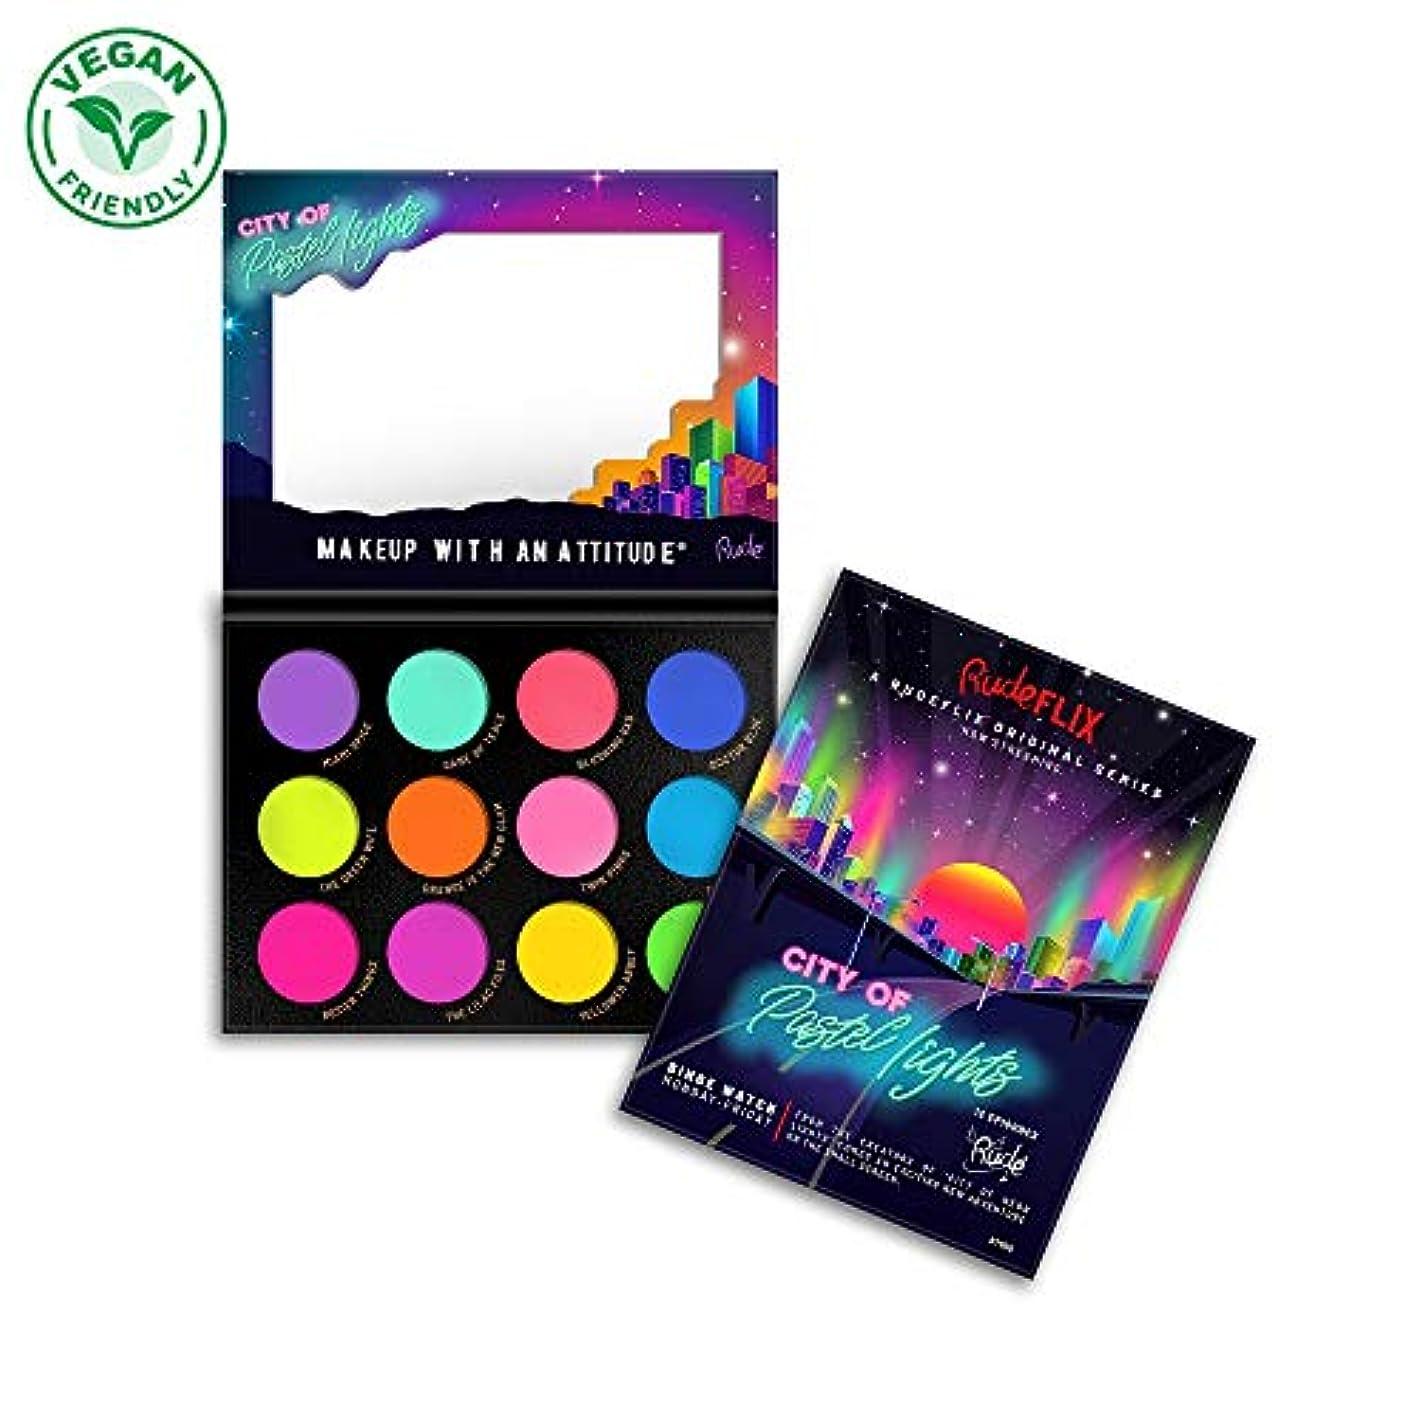 落ち着いた思想文字通りRUDE City of Pastel Lights - 12 Pastel Pigment & Eyeshadow Palette (並行輸入品)